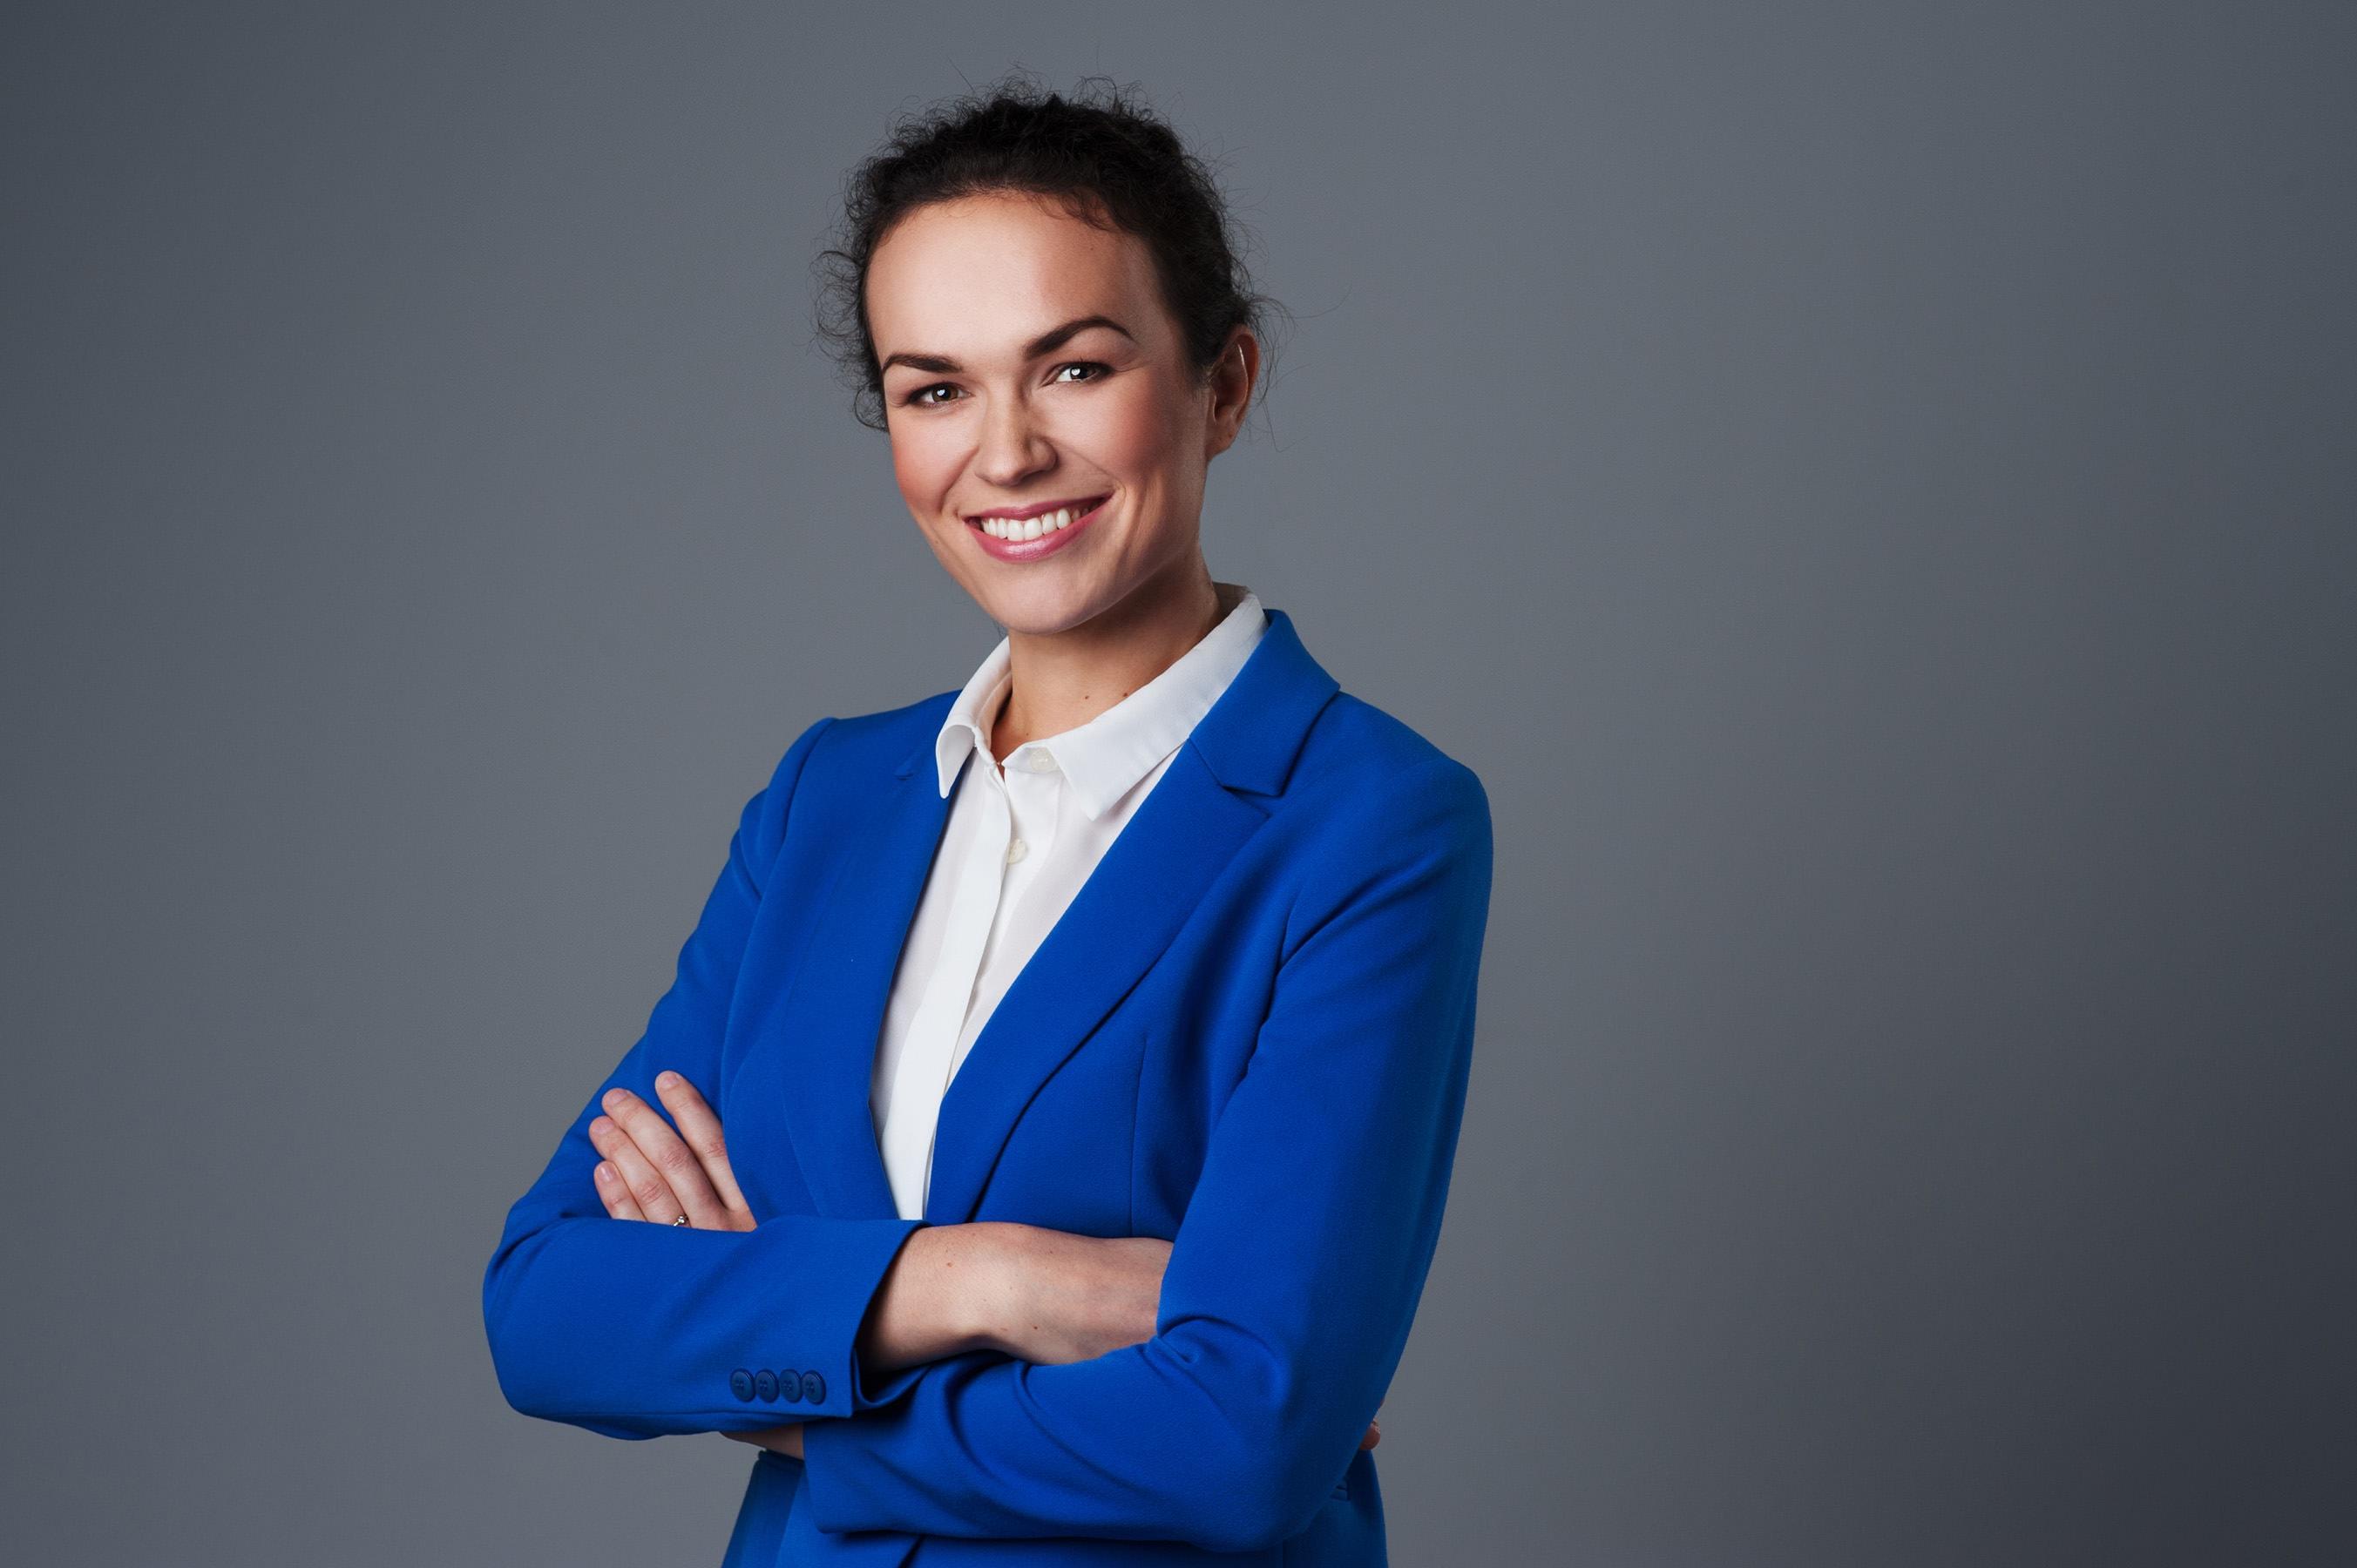 portrety biznesowe we Wrocławiu